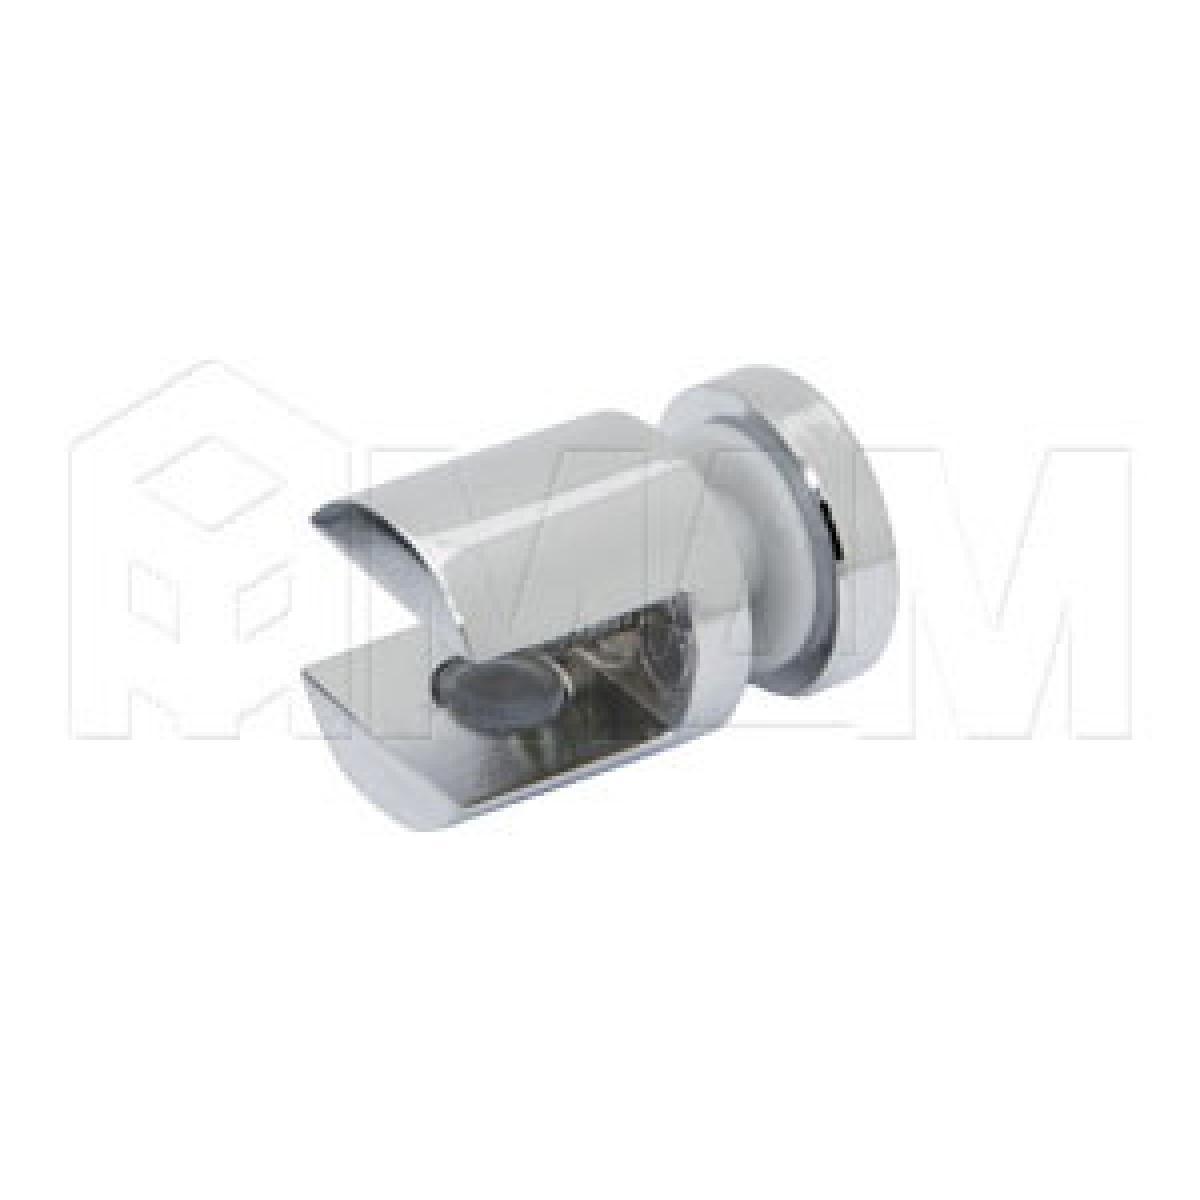 Полкодержатели - Полкодержатель для стекла 8-10 мм односторонний, хром